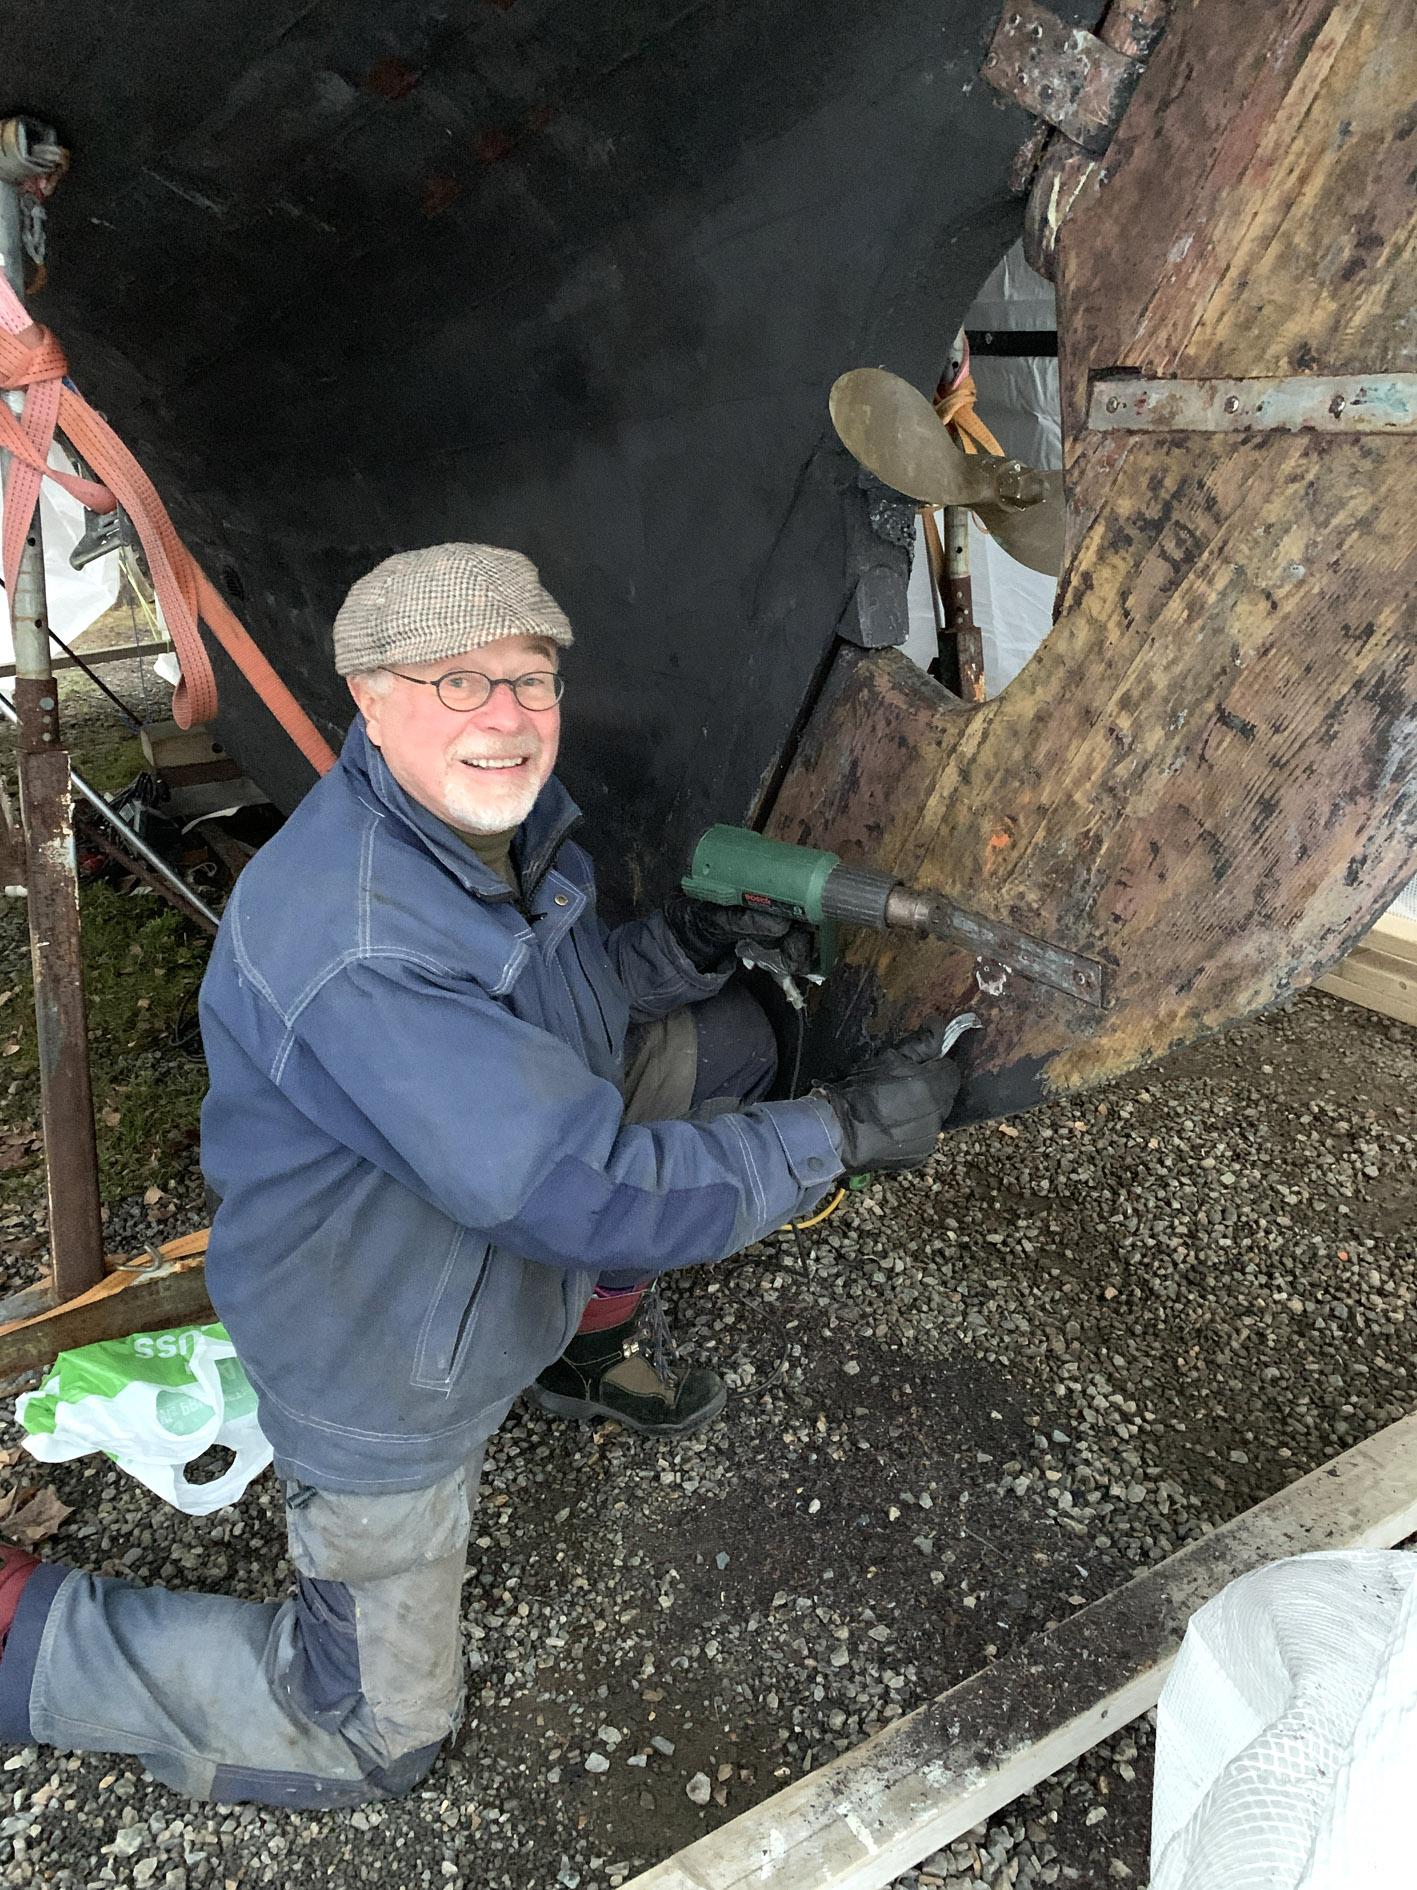 mann jobber med seilbåt